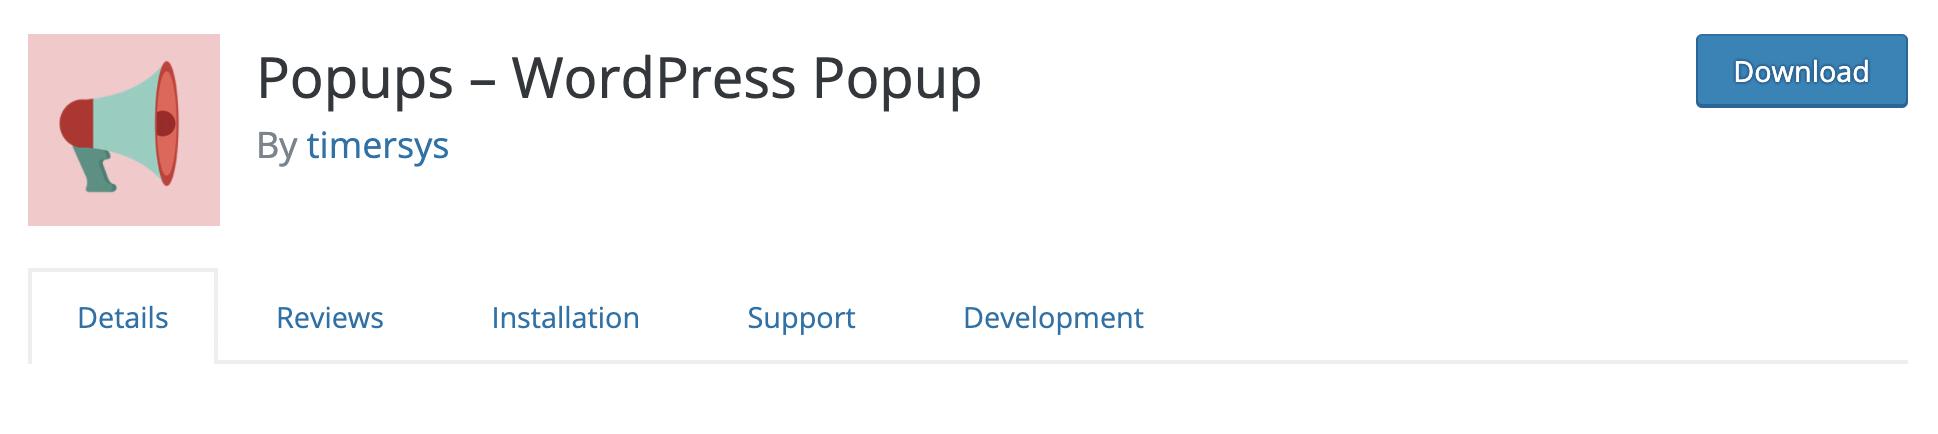 Popups – WordPress Popup